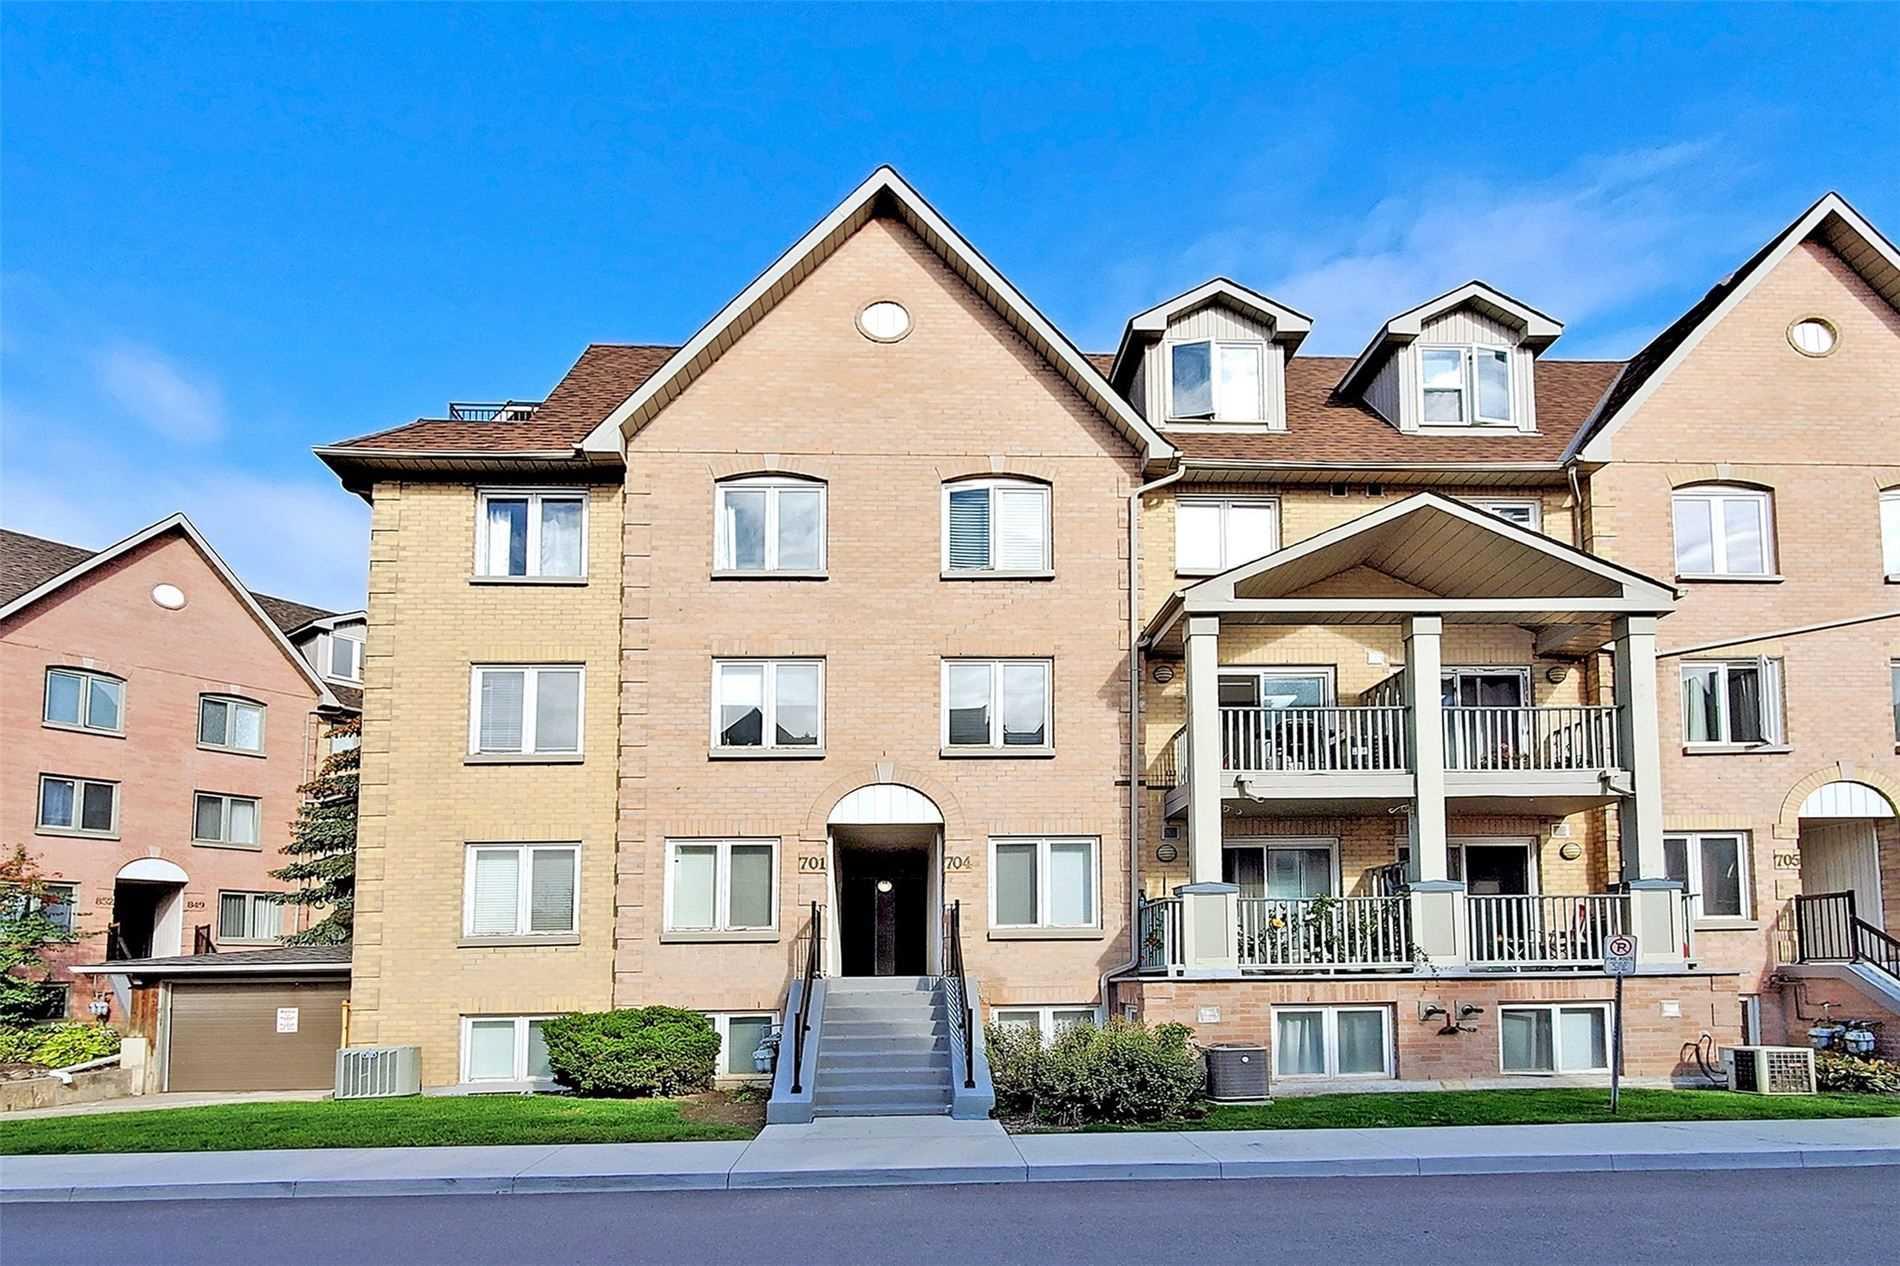 Condo Townhouse For Sale In Richmond Hill , 3 Bedrooms Bedrooms, ,3 BathroomsBathrooms,Condo Townhouse,For Sale,701,Weldrick